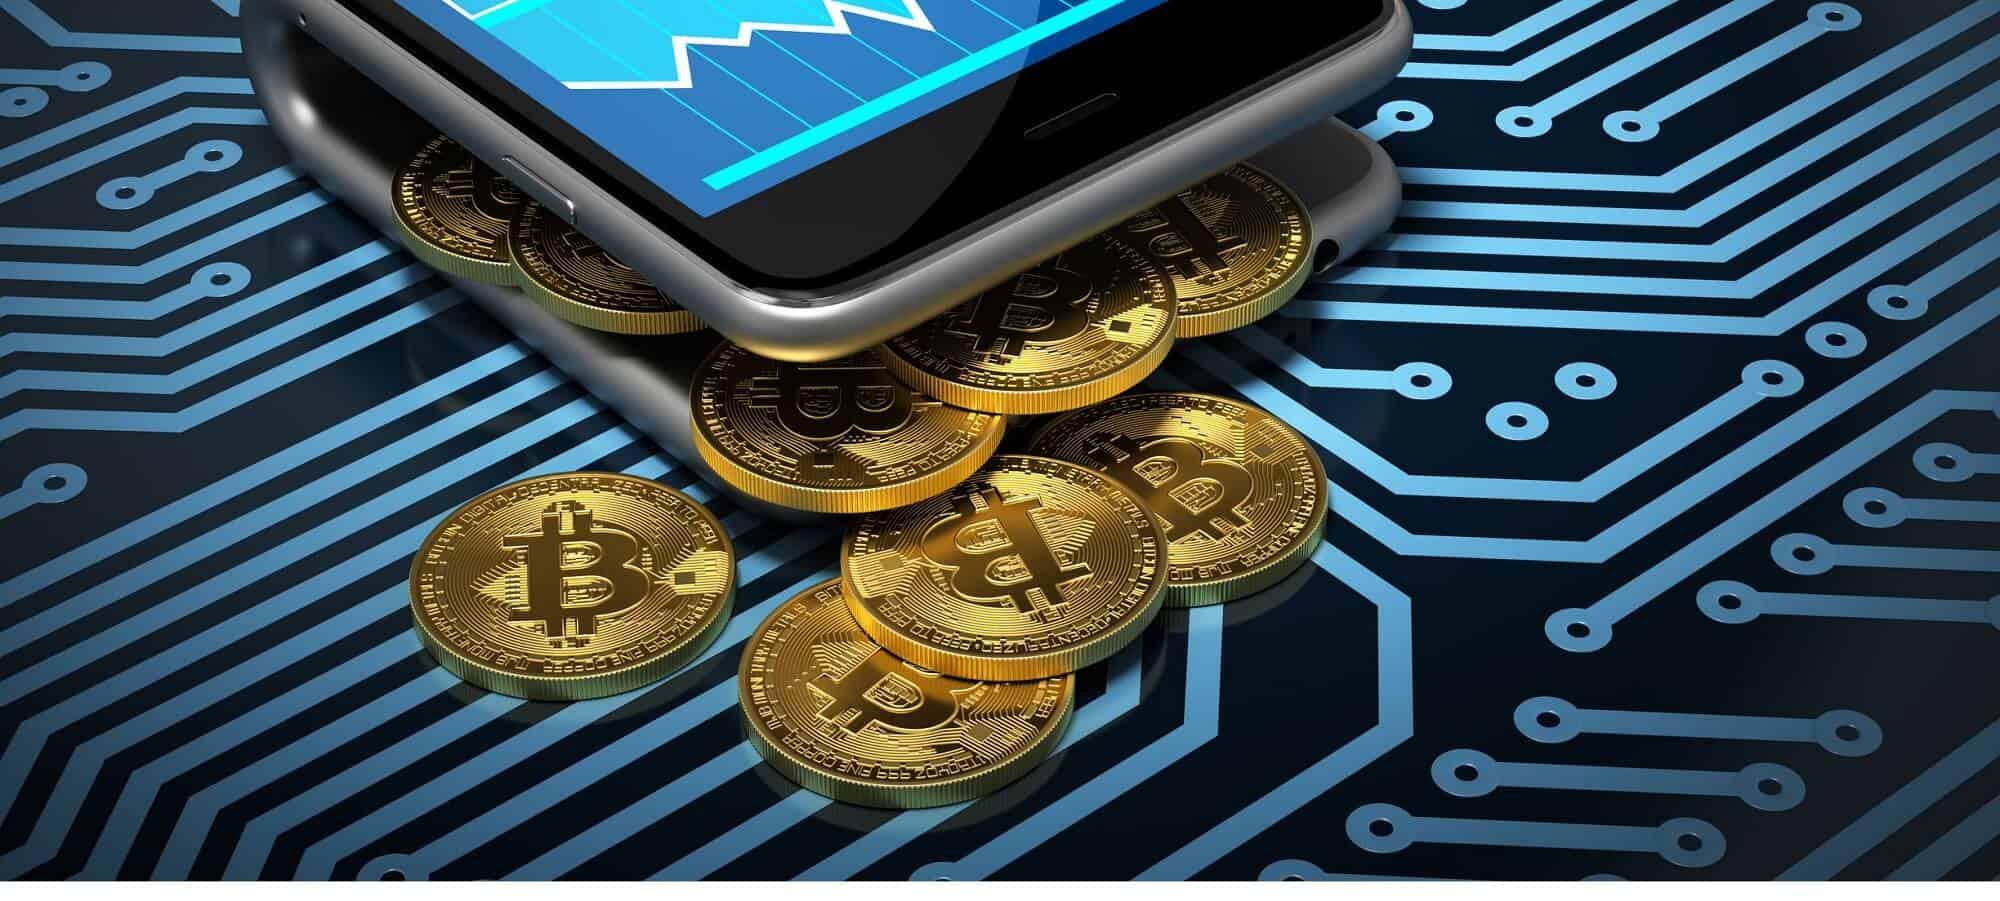 Investire in Bitcoin: caratteristiche e rischi di trading nascosti